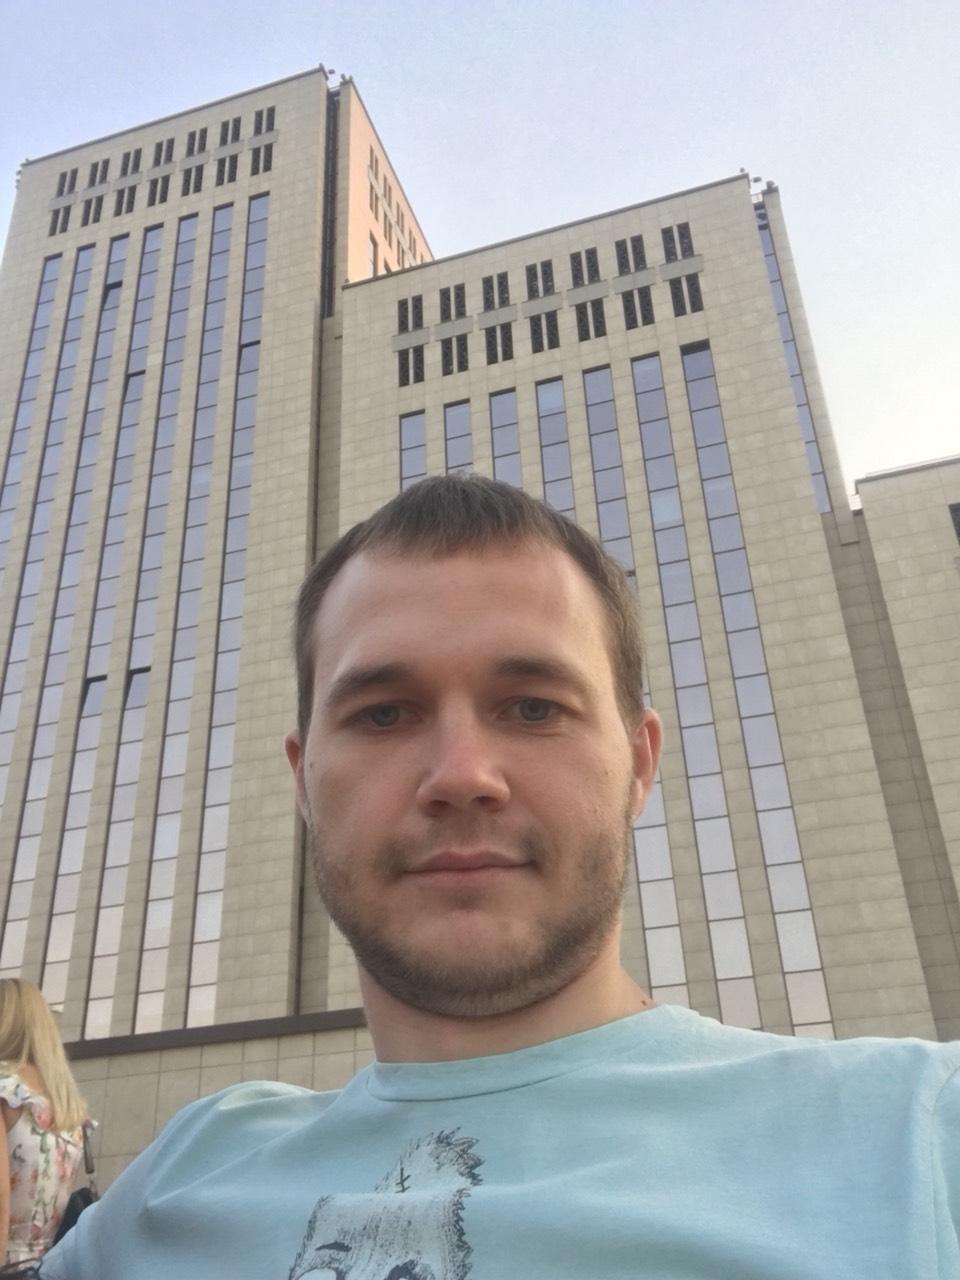 Никита Реутов: «Днепр развивается методом проб и ошибок»